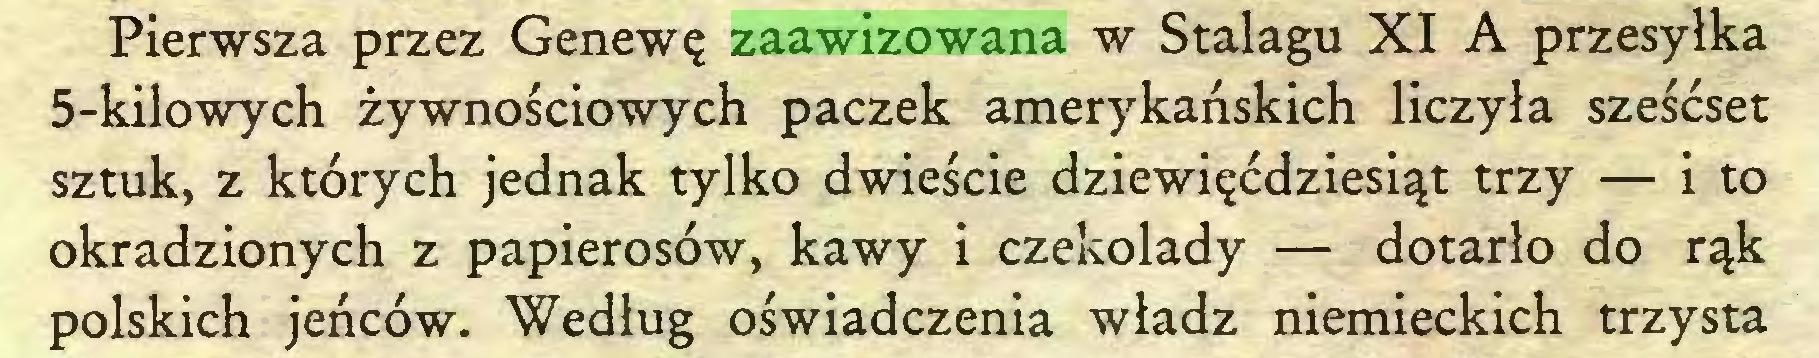 (...) Pierwsza przez Genewę zaawizowana w Stalagu XI A przesyłka 5-kilowych żywnościowych paczek amerykańskich liczyła sześćset sztuk, z których jednak tylko dwieście dziewięćdziesiąt trzy — i to okradzionych z papierosów, kawy i czekolady — dotarło do rąk polskich jeńców. Według oświadczenia władz niemieckich trzysta...